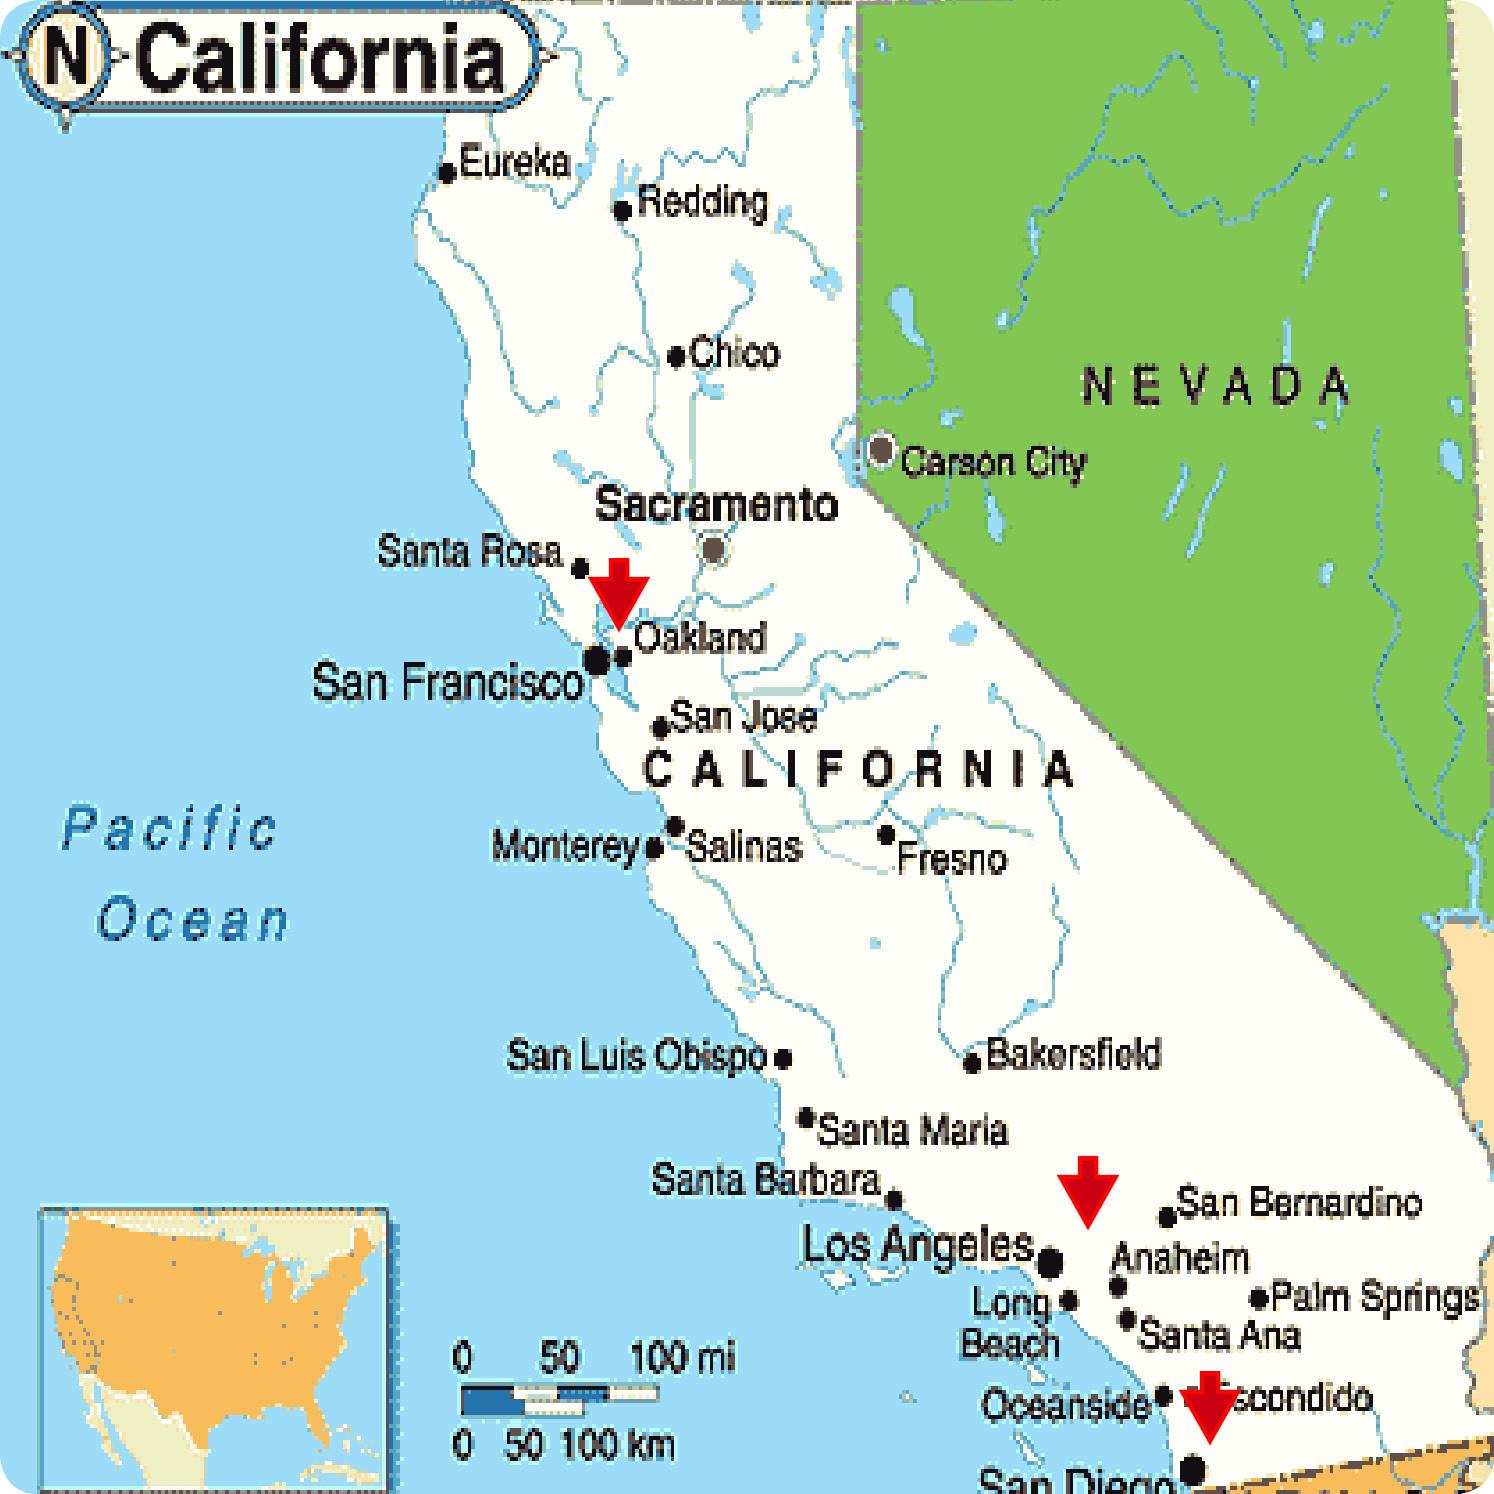 Fresno California Map Google Free Printable Map California Google - Fresno California Map